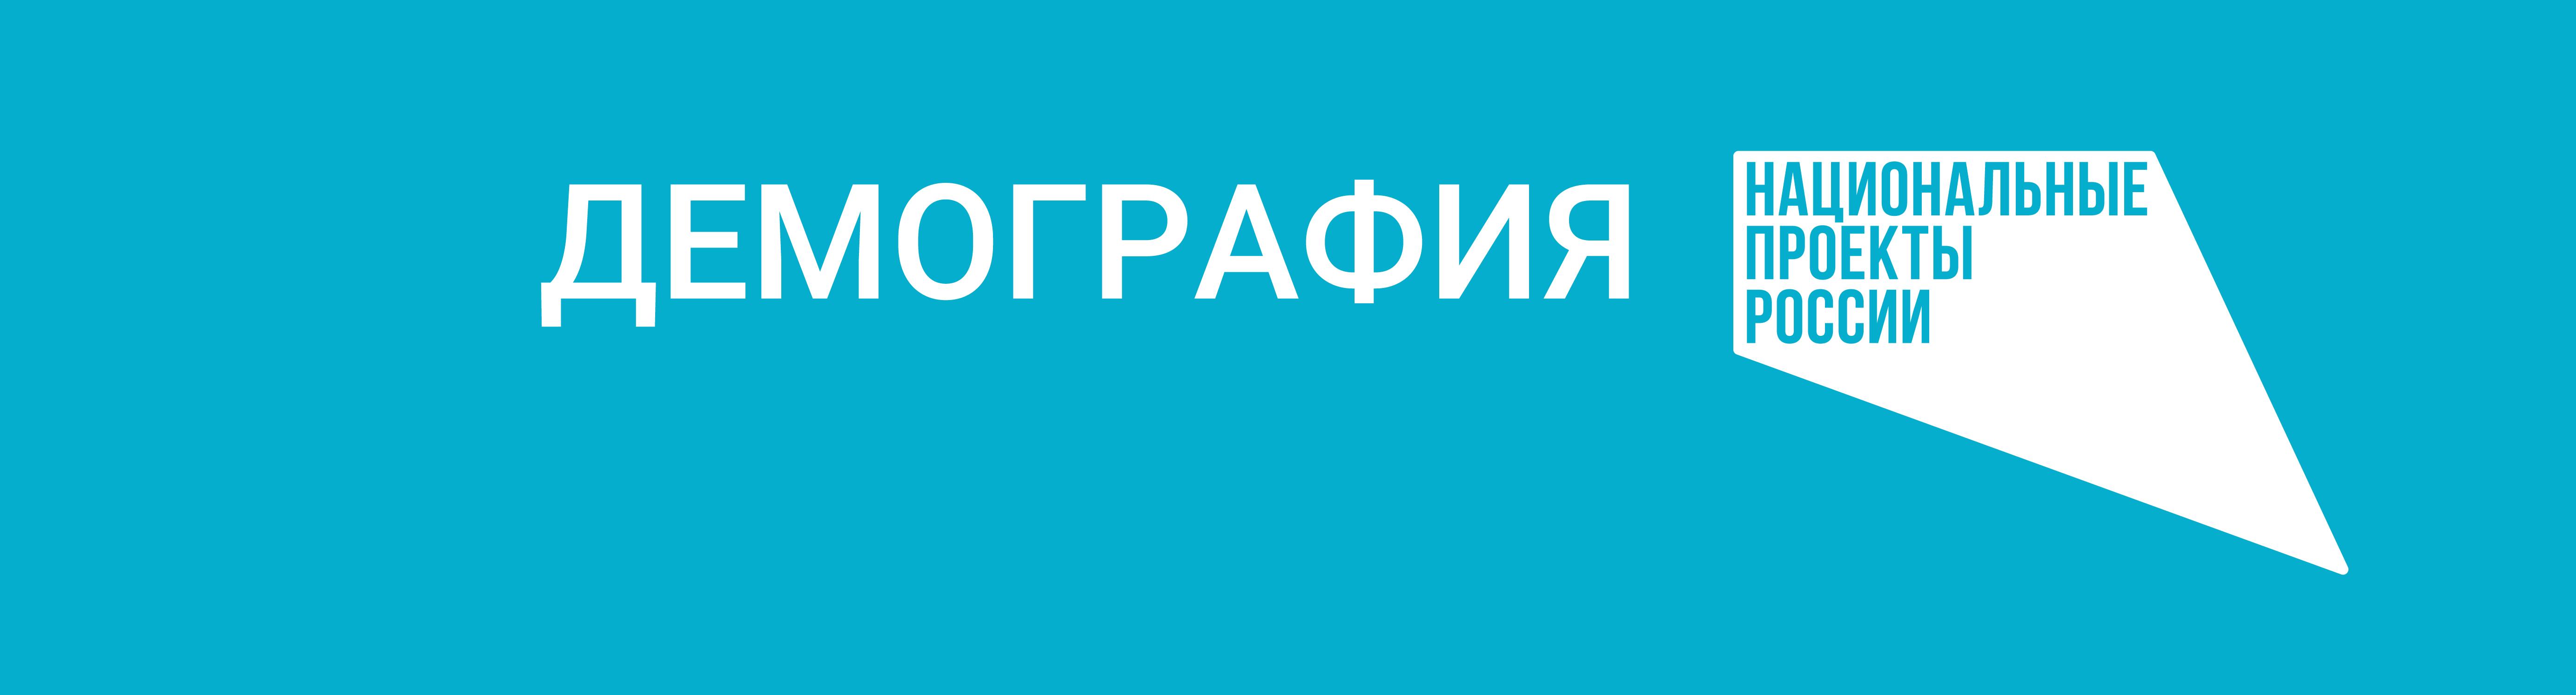 Демография_лого_цвет_гориз_инверсия_прав